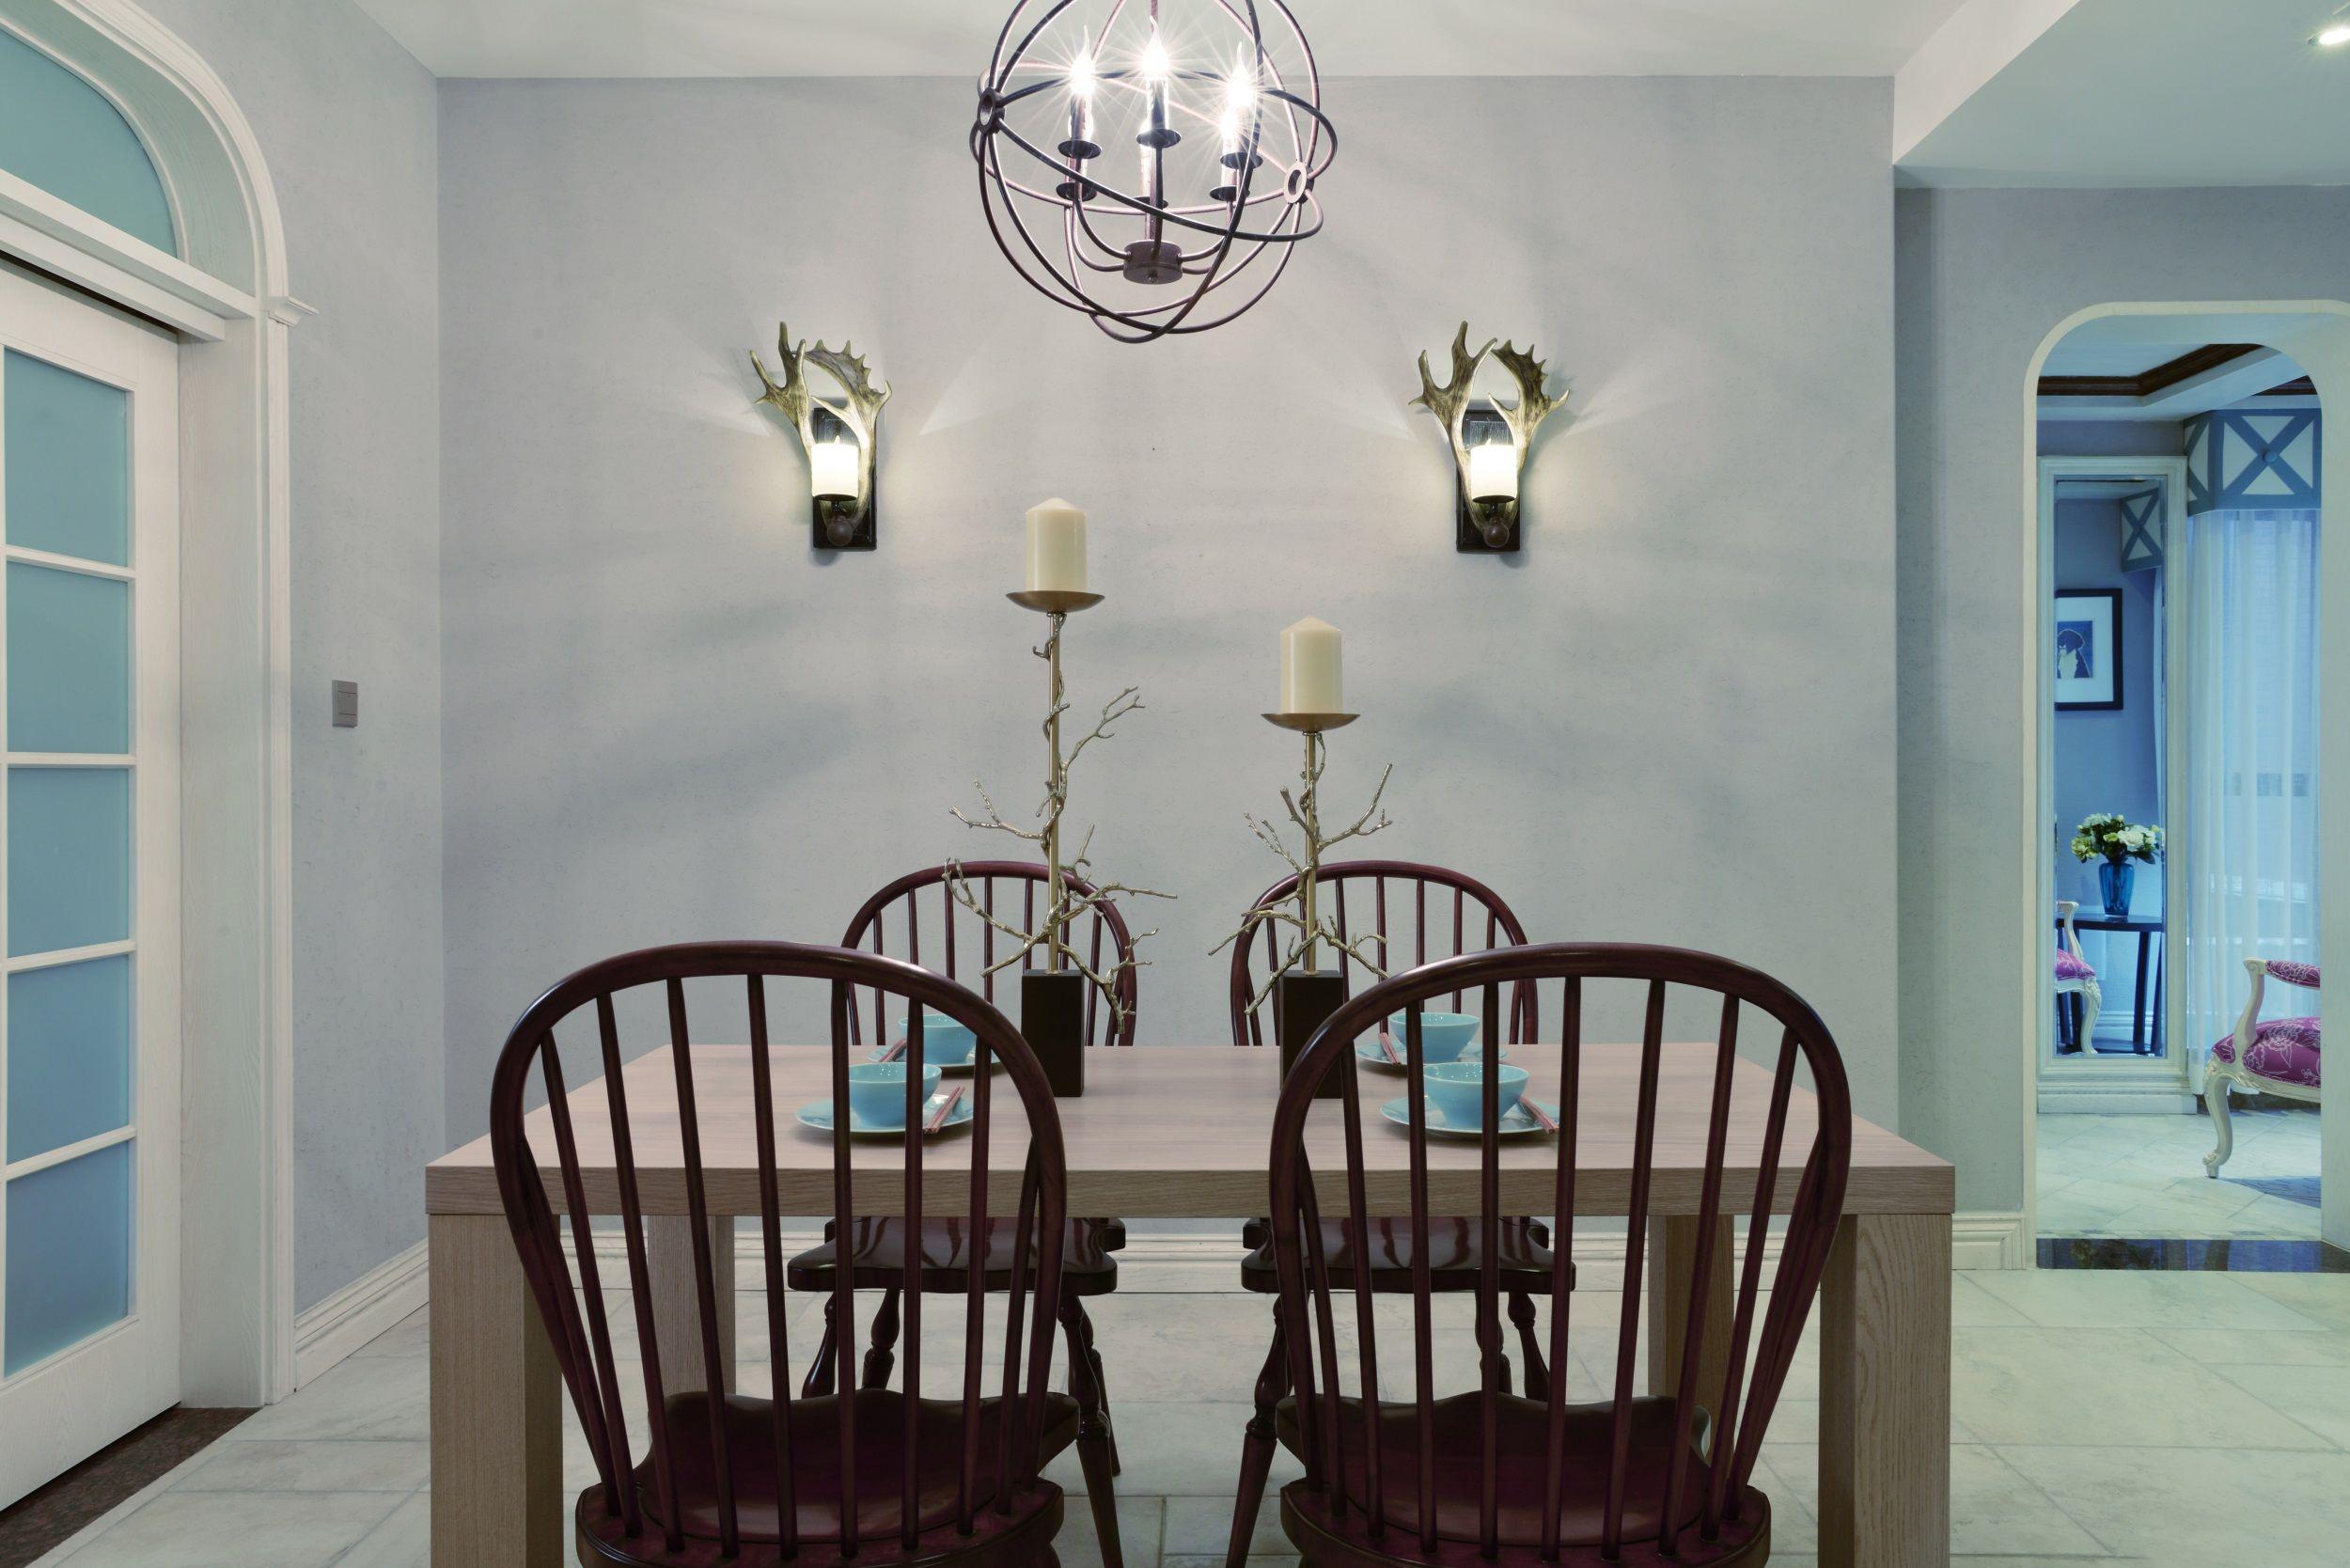 以淡蓝色为主,给人感觉清新自然,原木色的餐桌材质以及带有自然特色的装饰品,让人不由自主的放松。